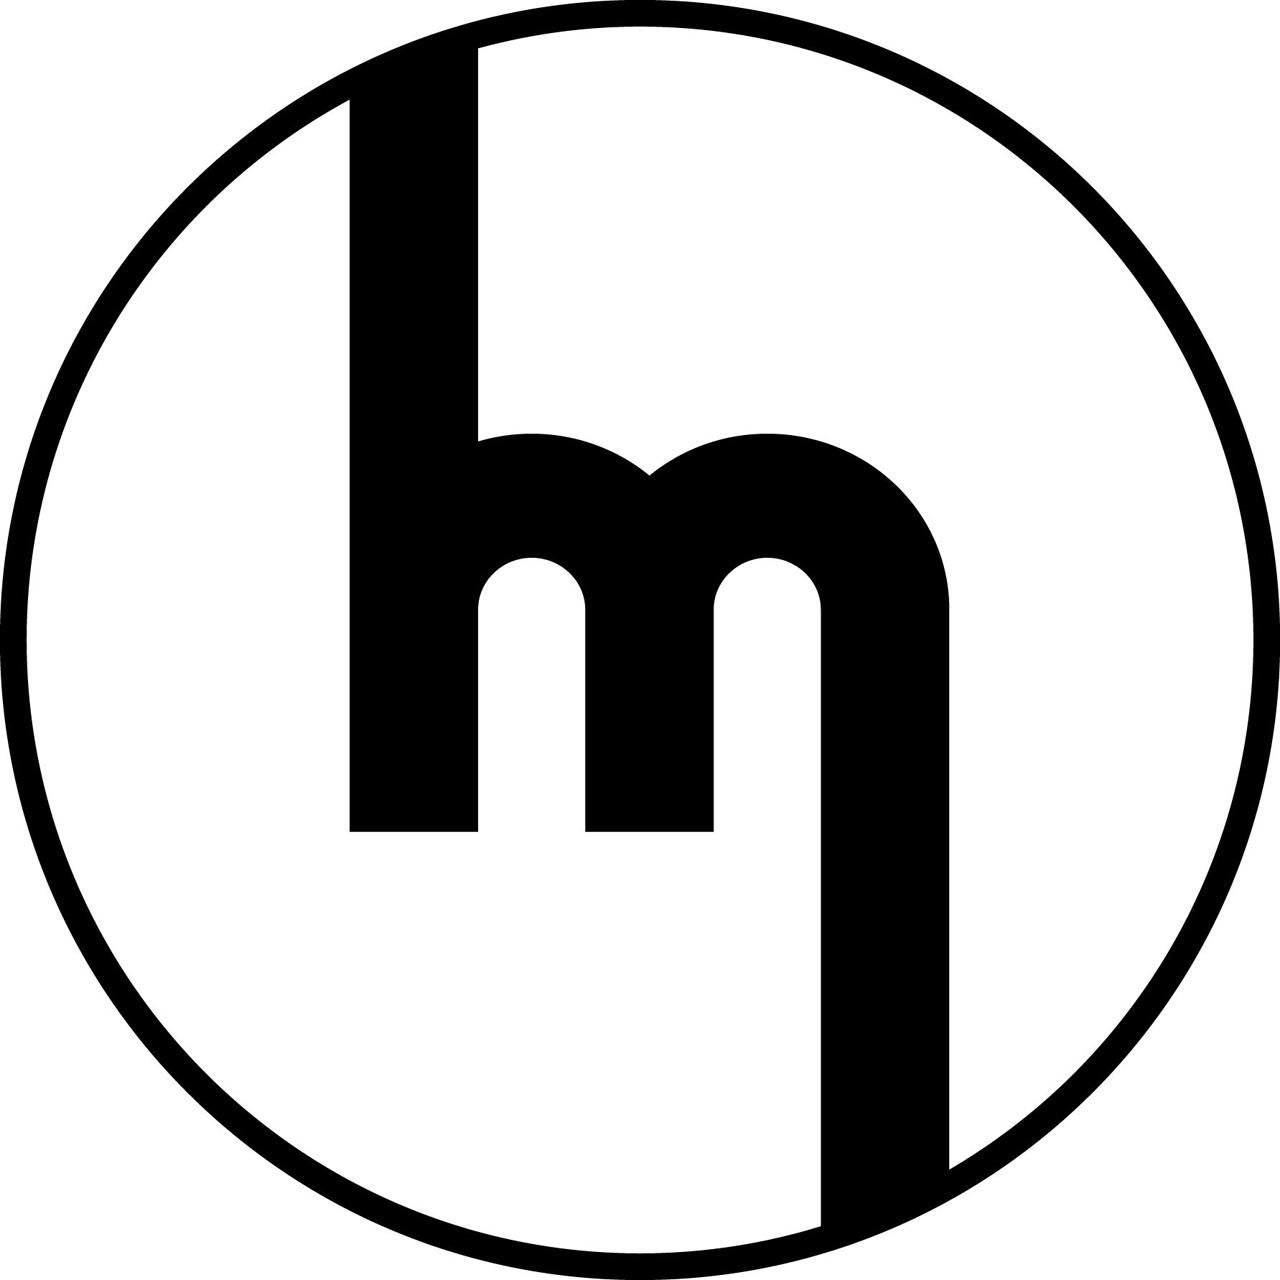 Mazda ultraman wiki fandom powered by wikia mazda 60s logo biocorpaavc Gallery